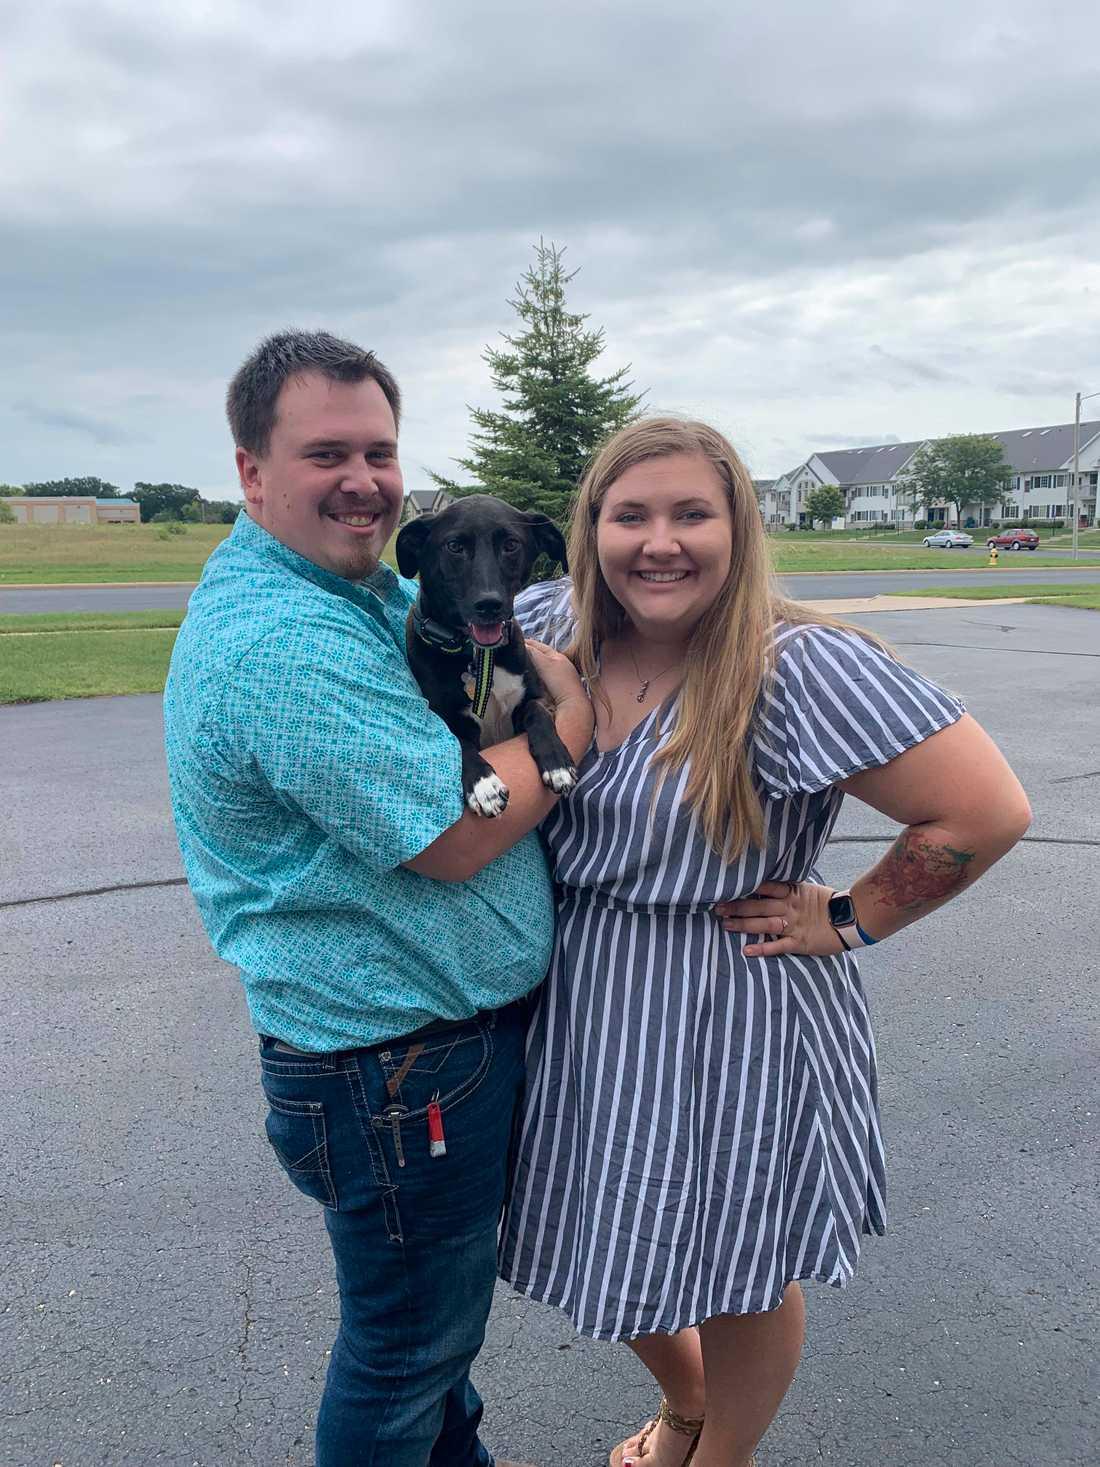 Isabel tillsammans med sin pojkvän Joseph och parets hund Taurus.